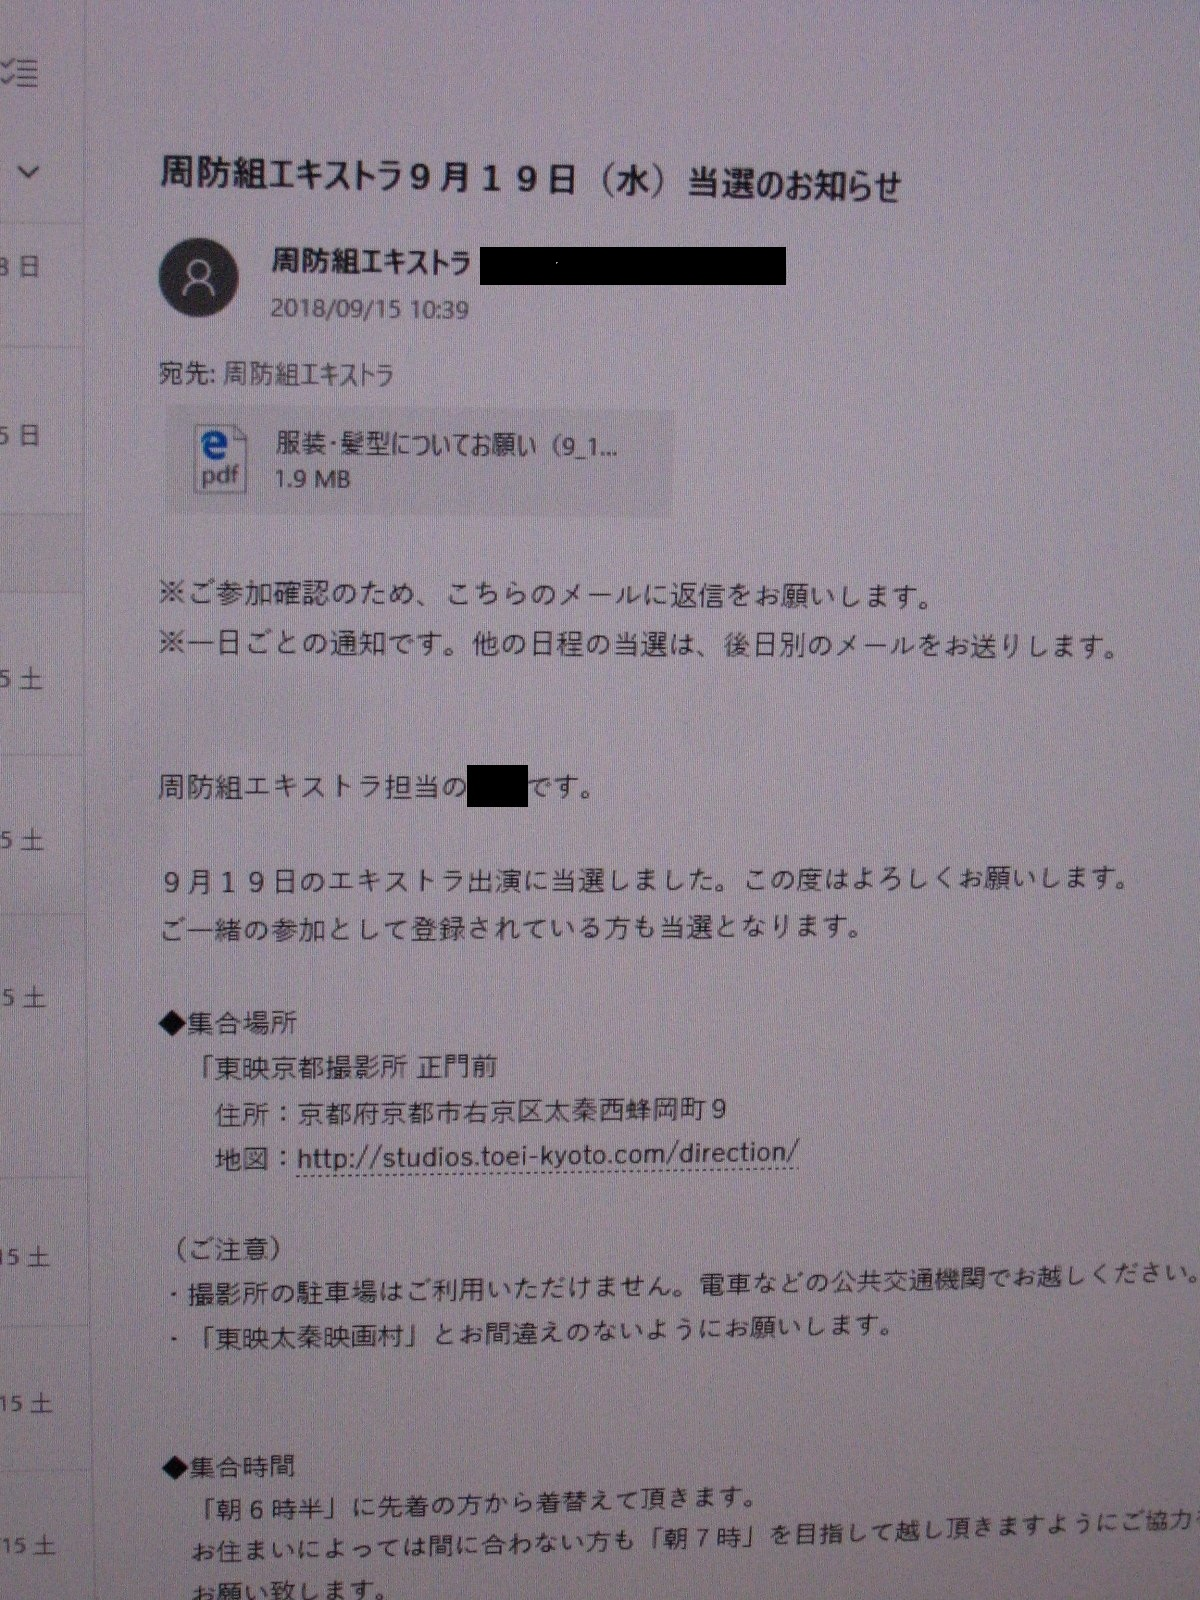 周防組エキストラ9月23日(日) 当選のお知らせ